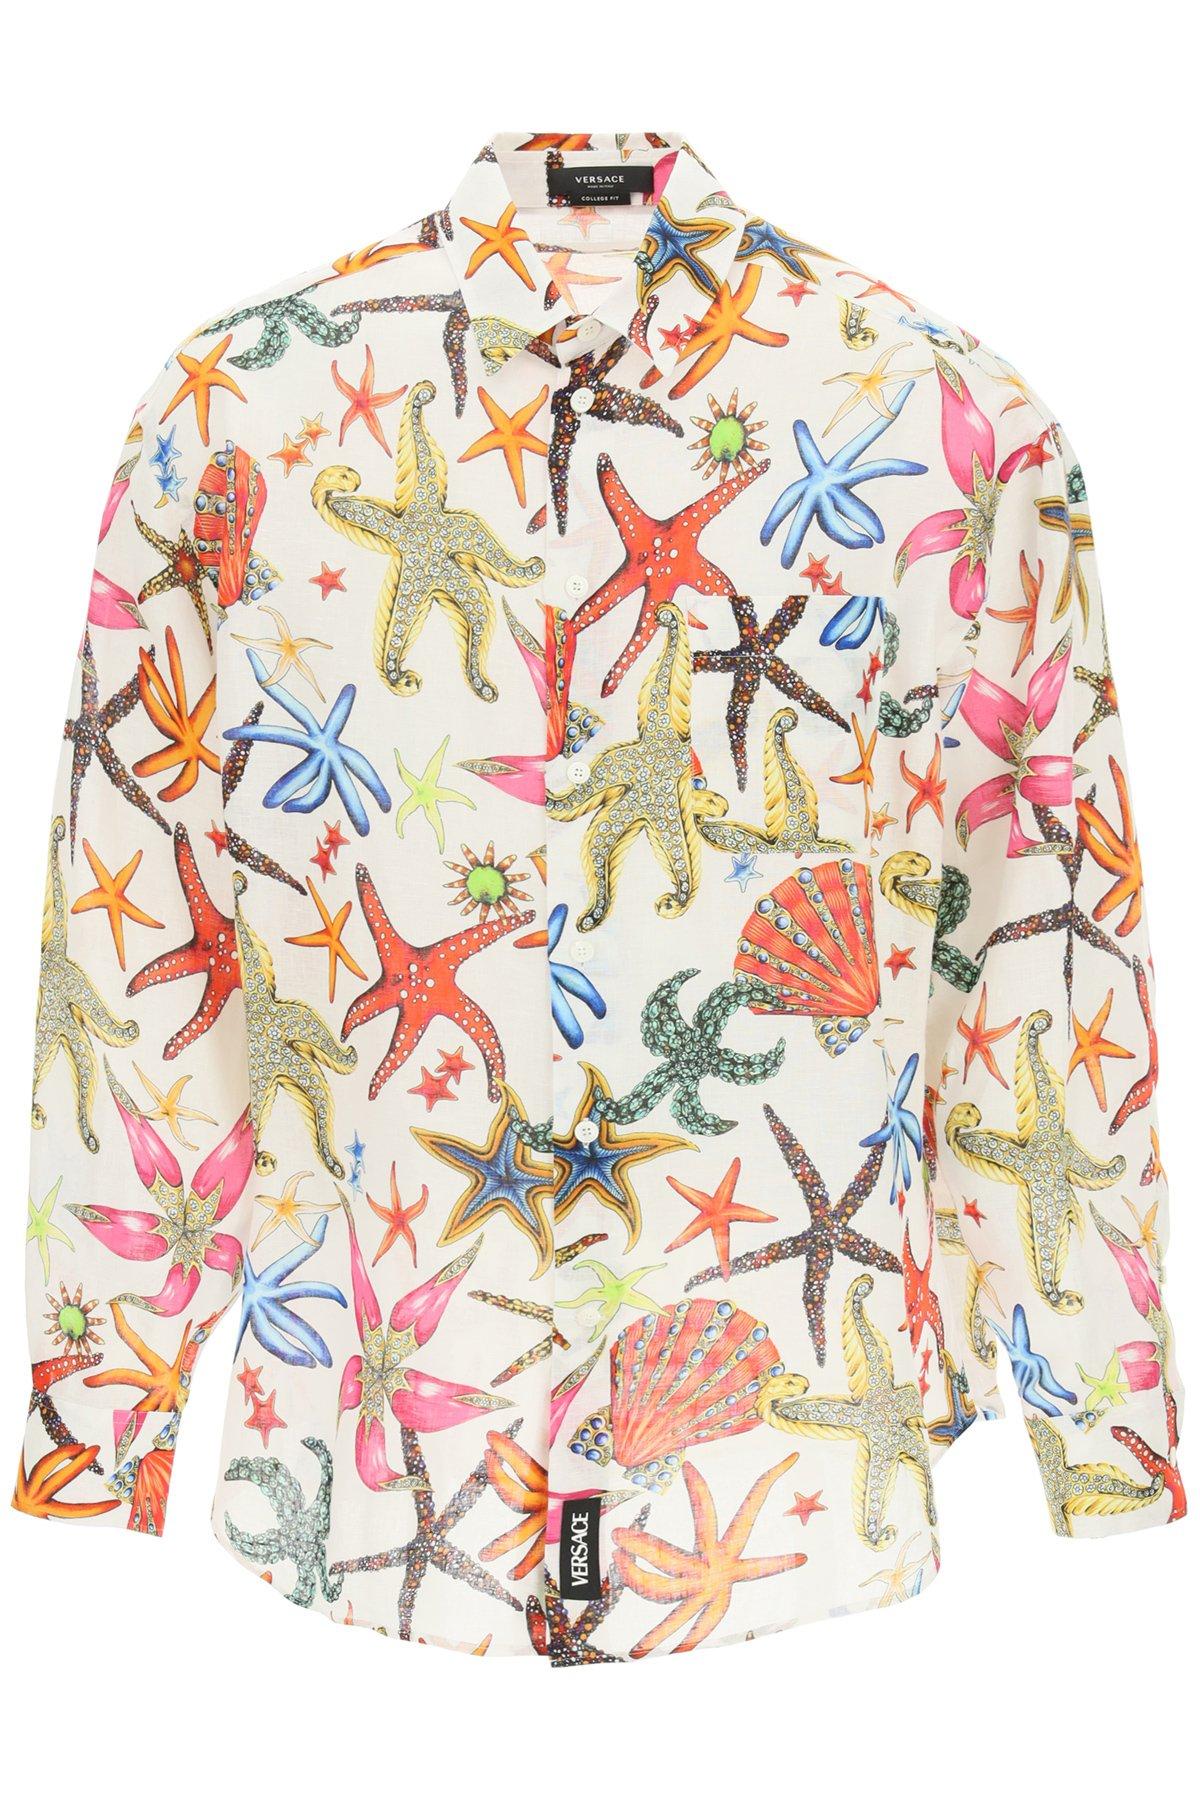 Versace camicia lino tresor de la mer